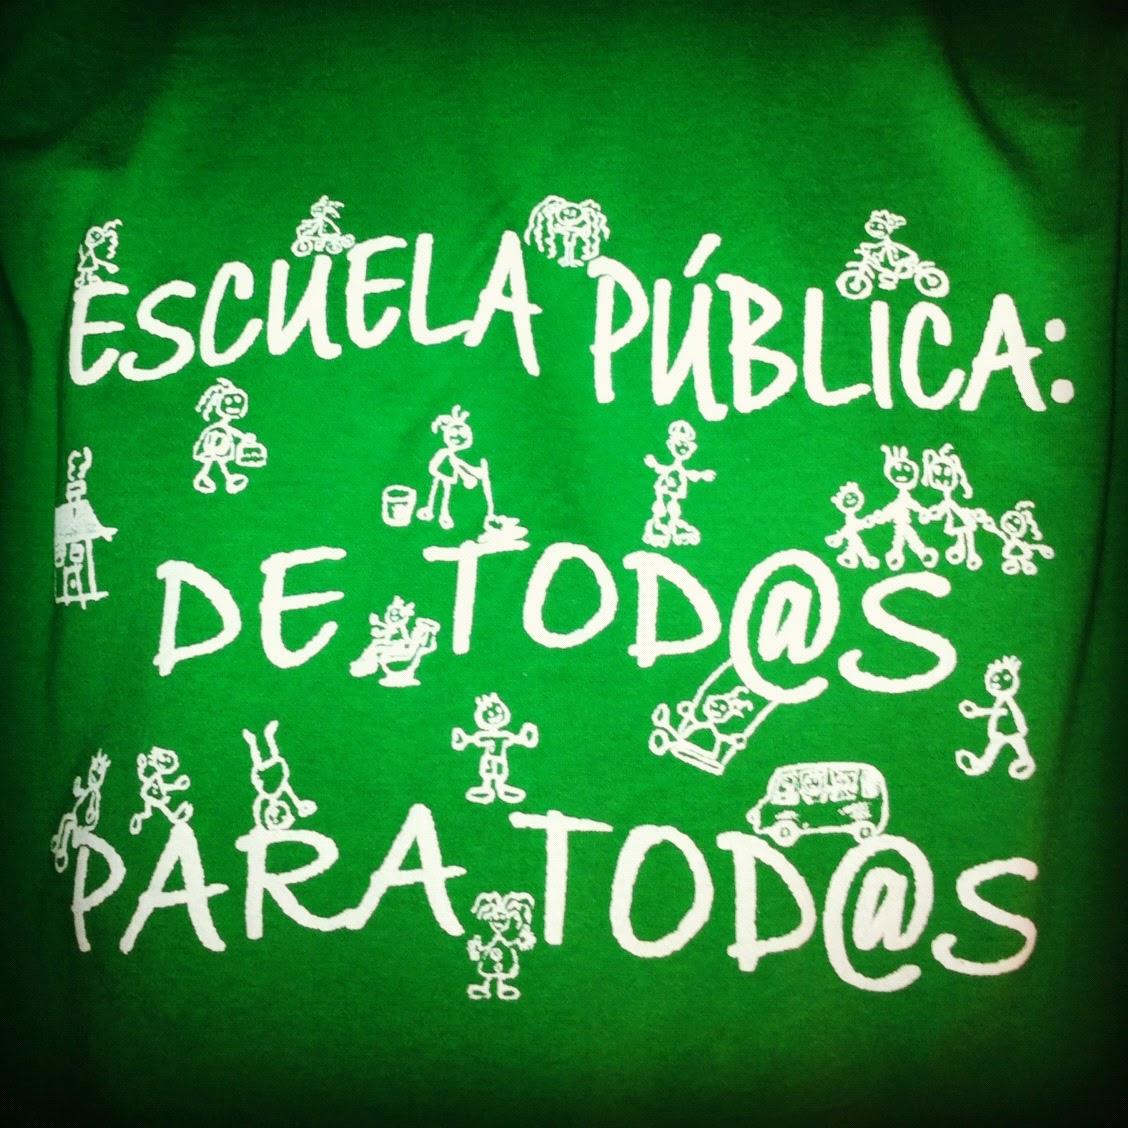 Escuela pública y gratuita